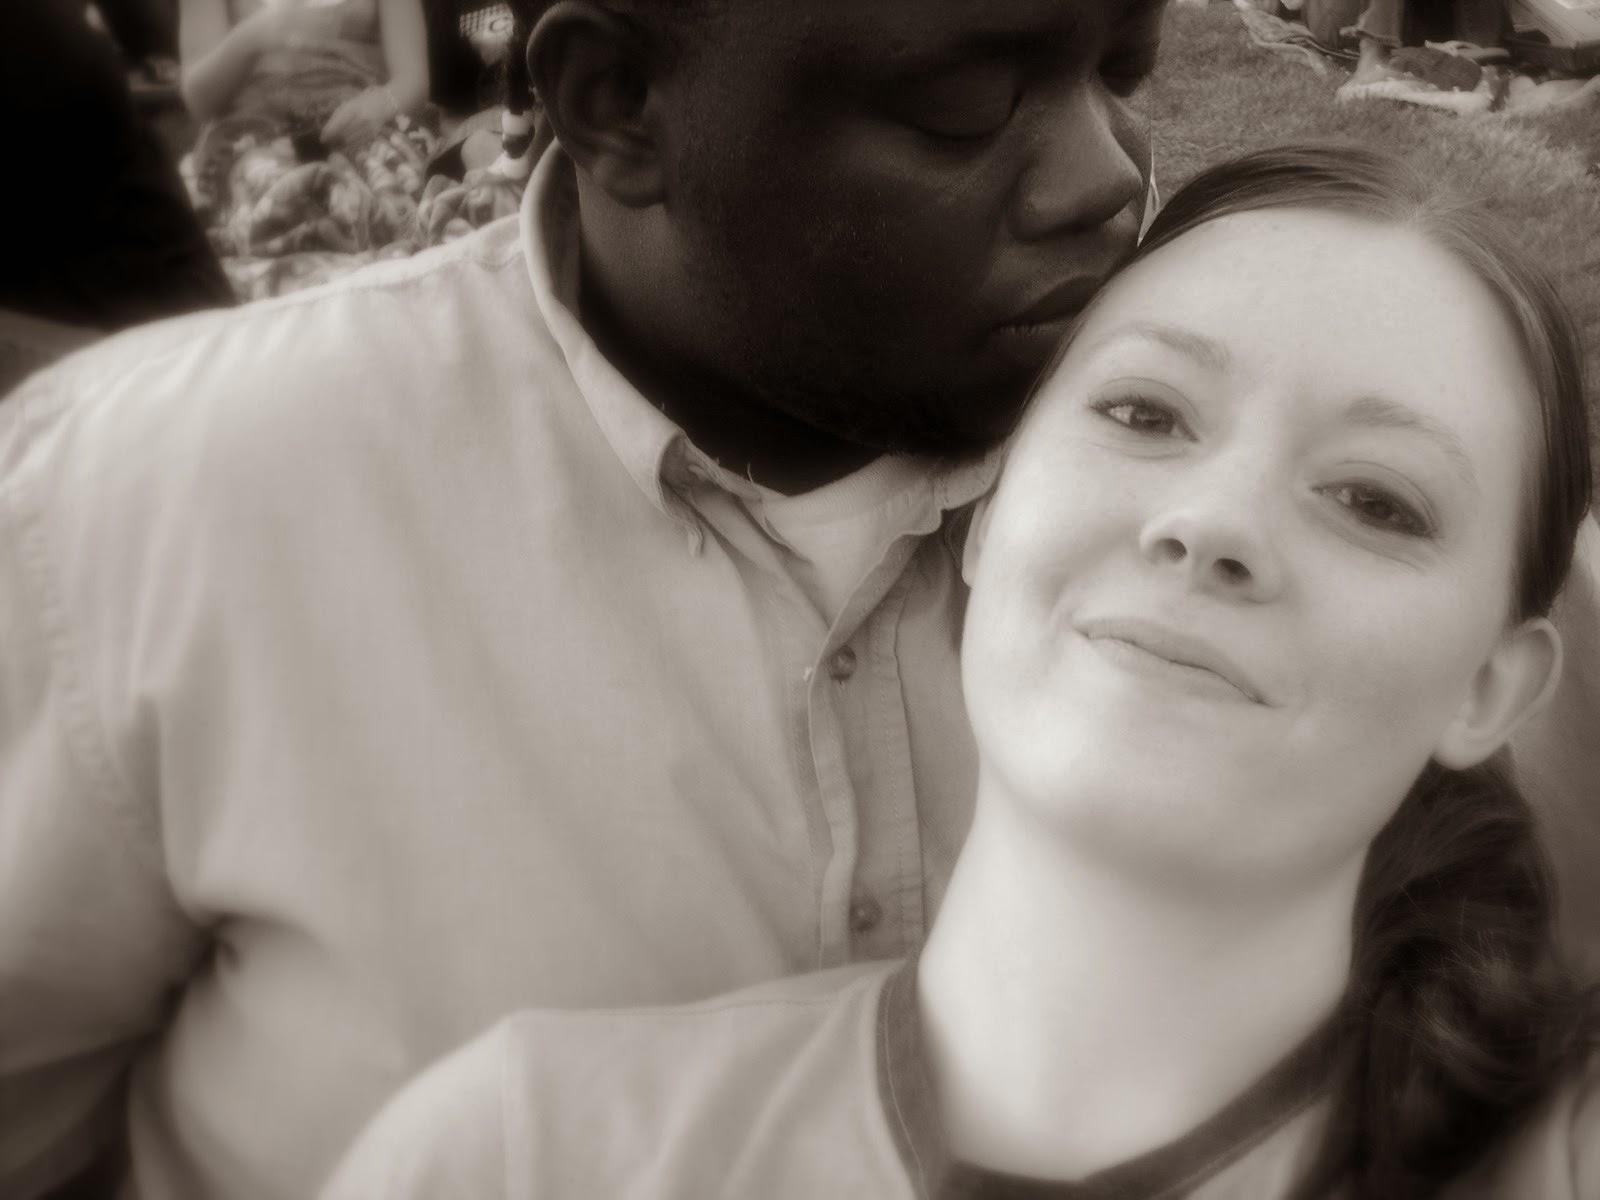 dating essay interracial dating essay